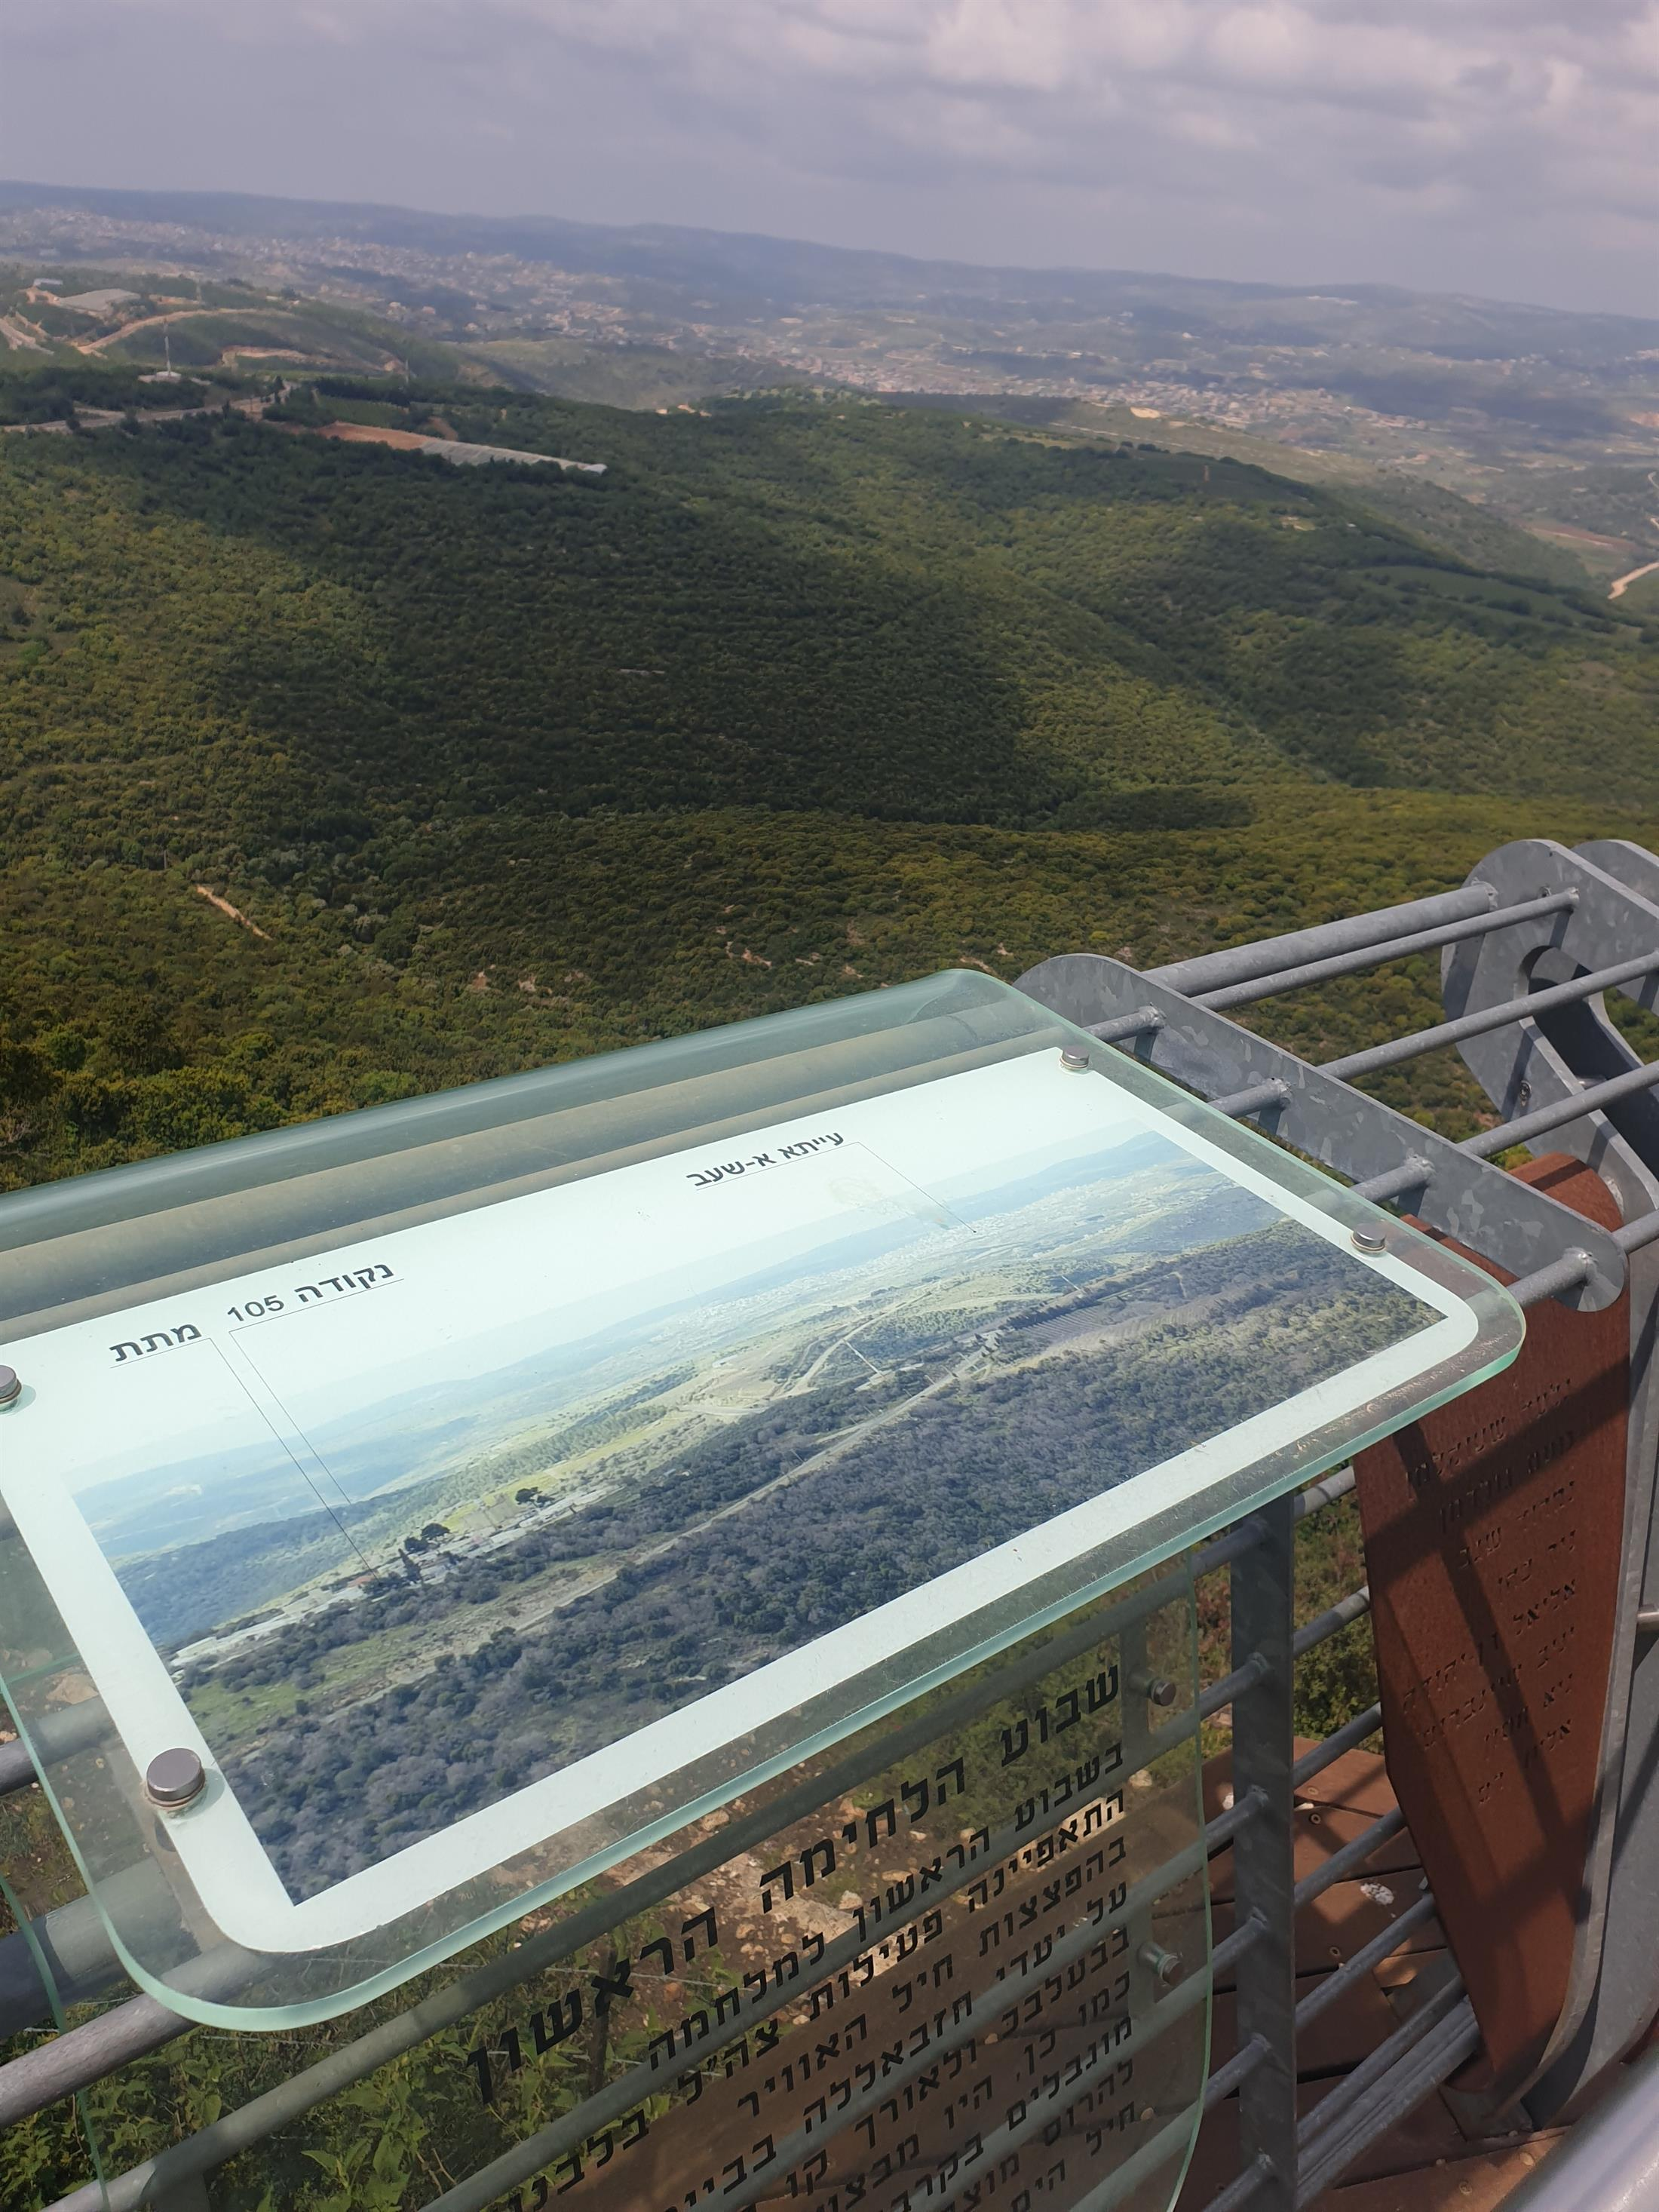 טיול גאו-פוליטי לגבול הצפון והגליל | 2 ימים | כולל טיול ג'יפים, סיור טעימות ביקב מקומי, סדנאות פעילות ולינה בוילה מפוארת בקיסריה